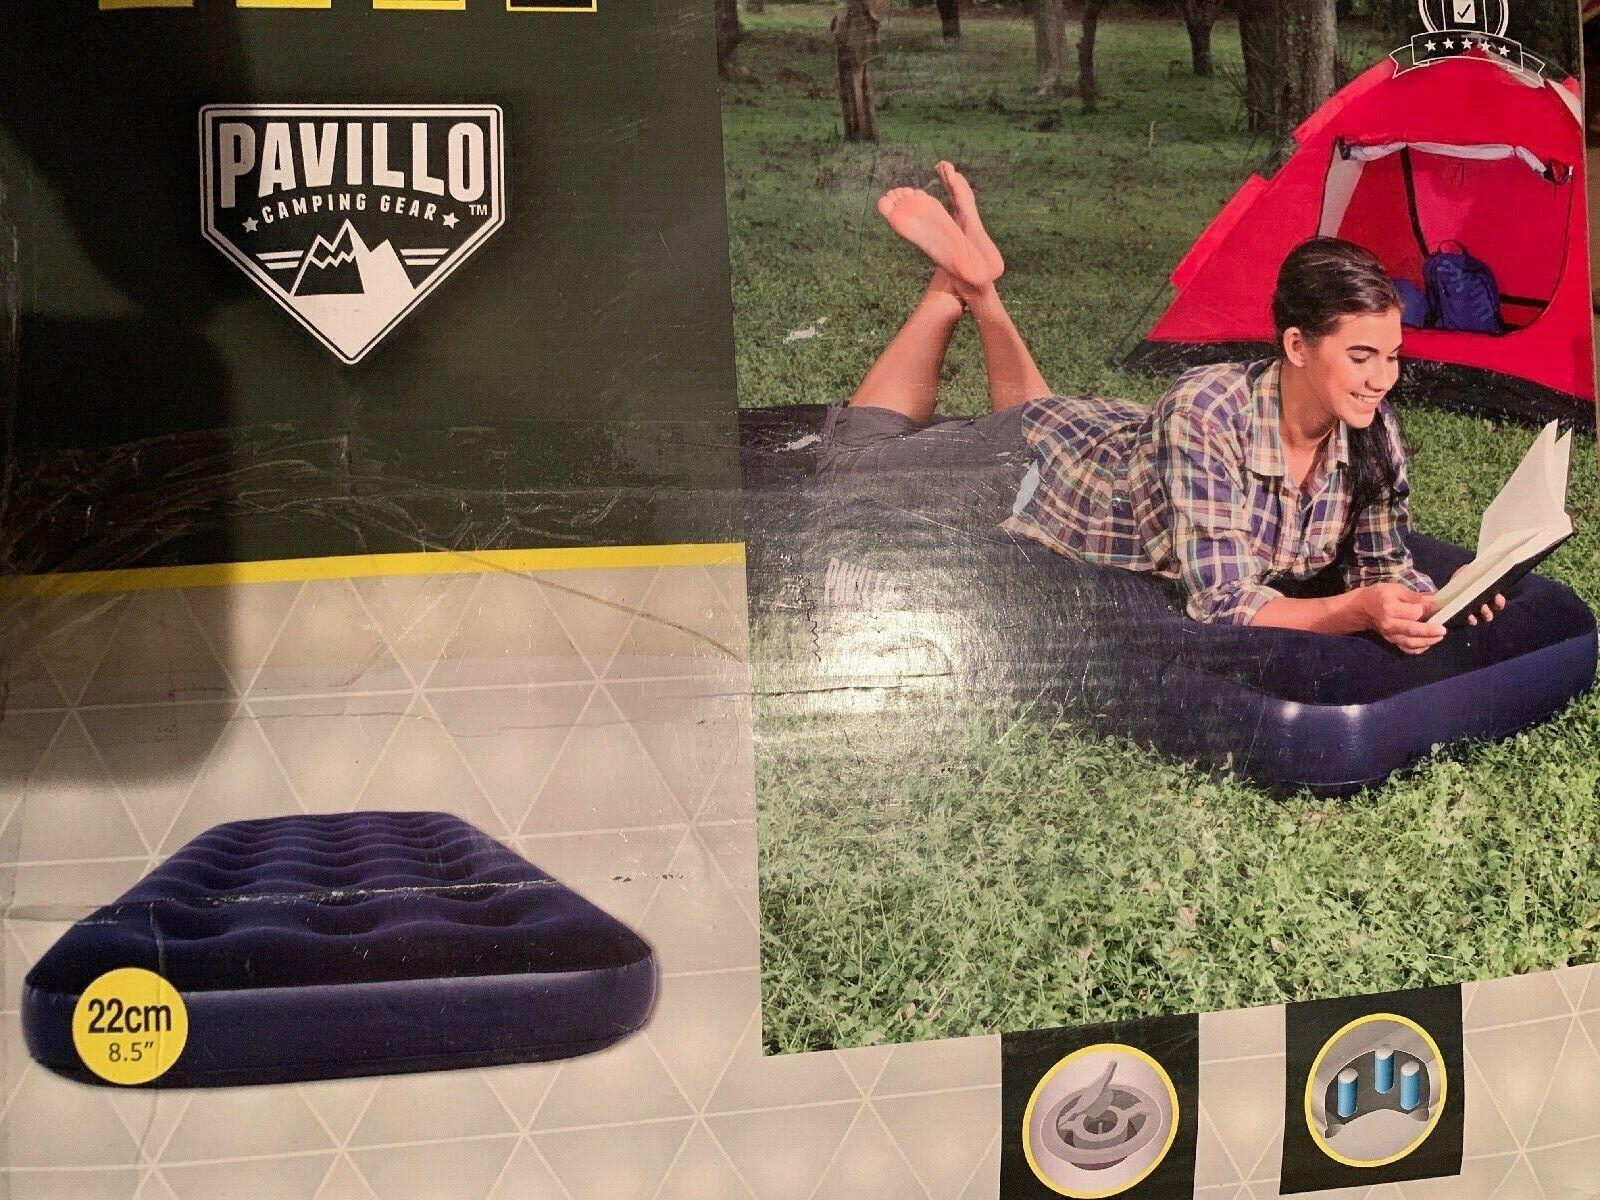 Bestway Pavilion Comfort Quest Flocked Single Air Bed Blue 185x76x22 cm